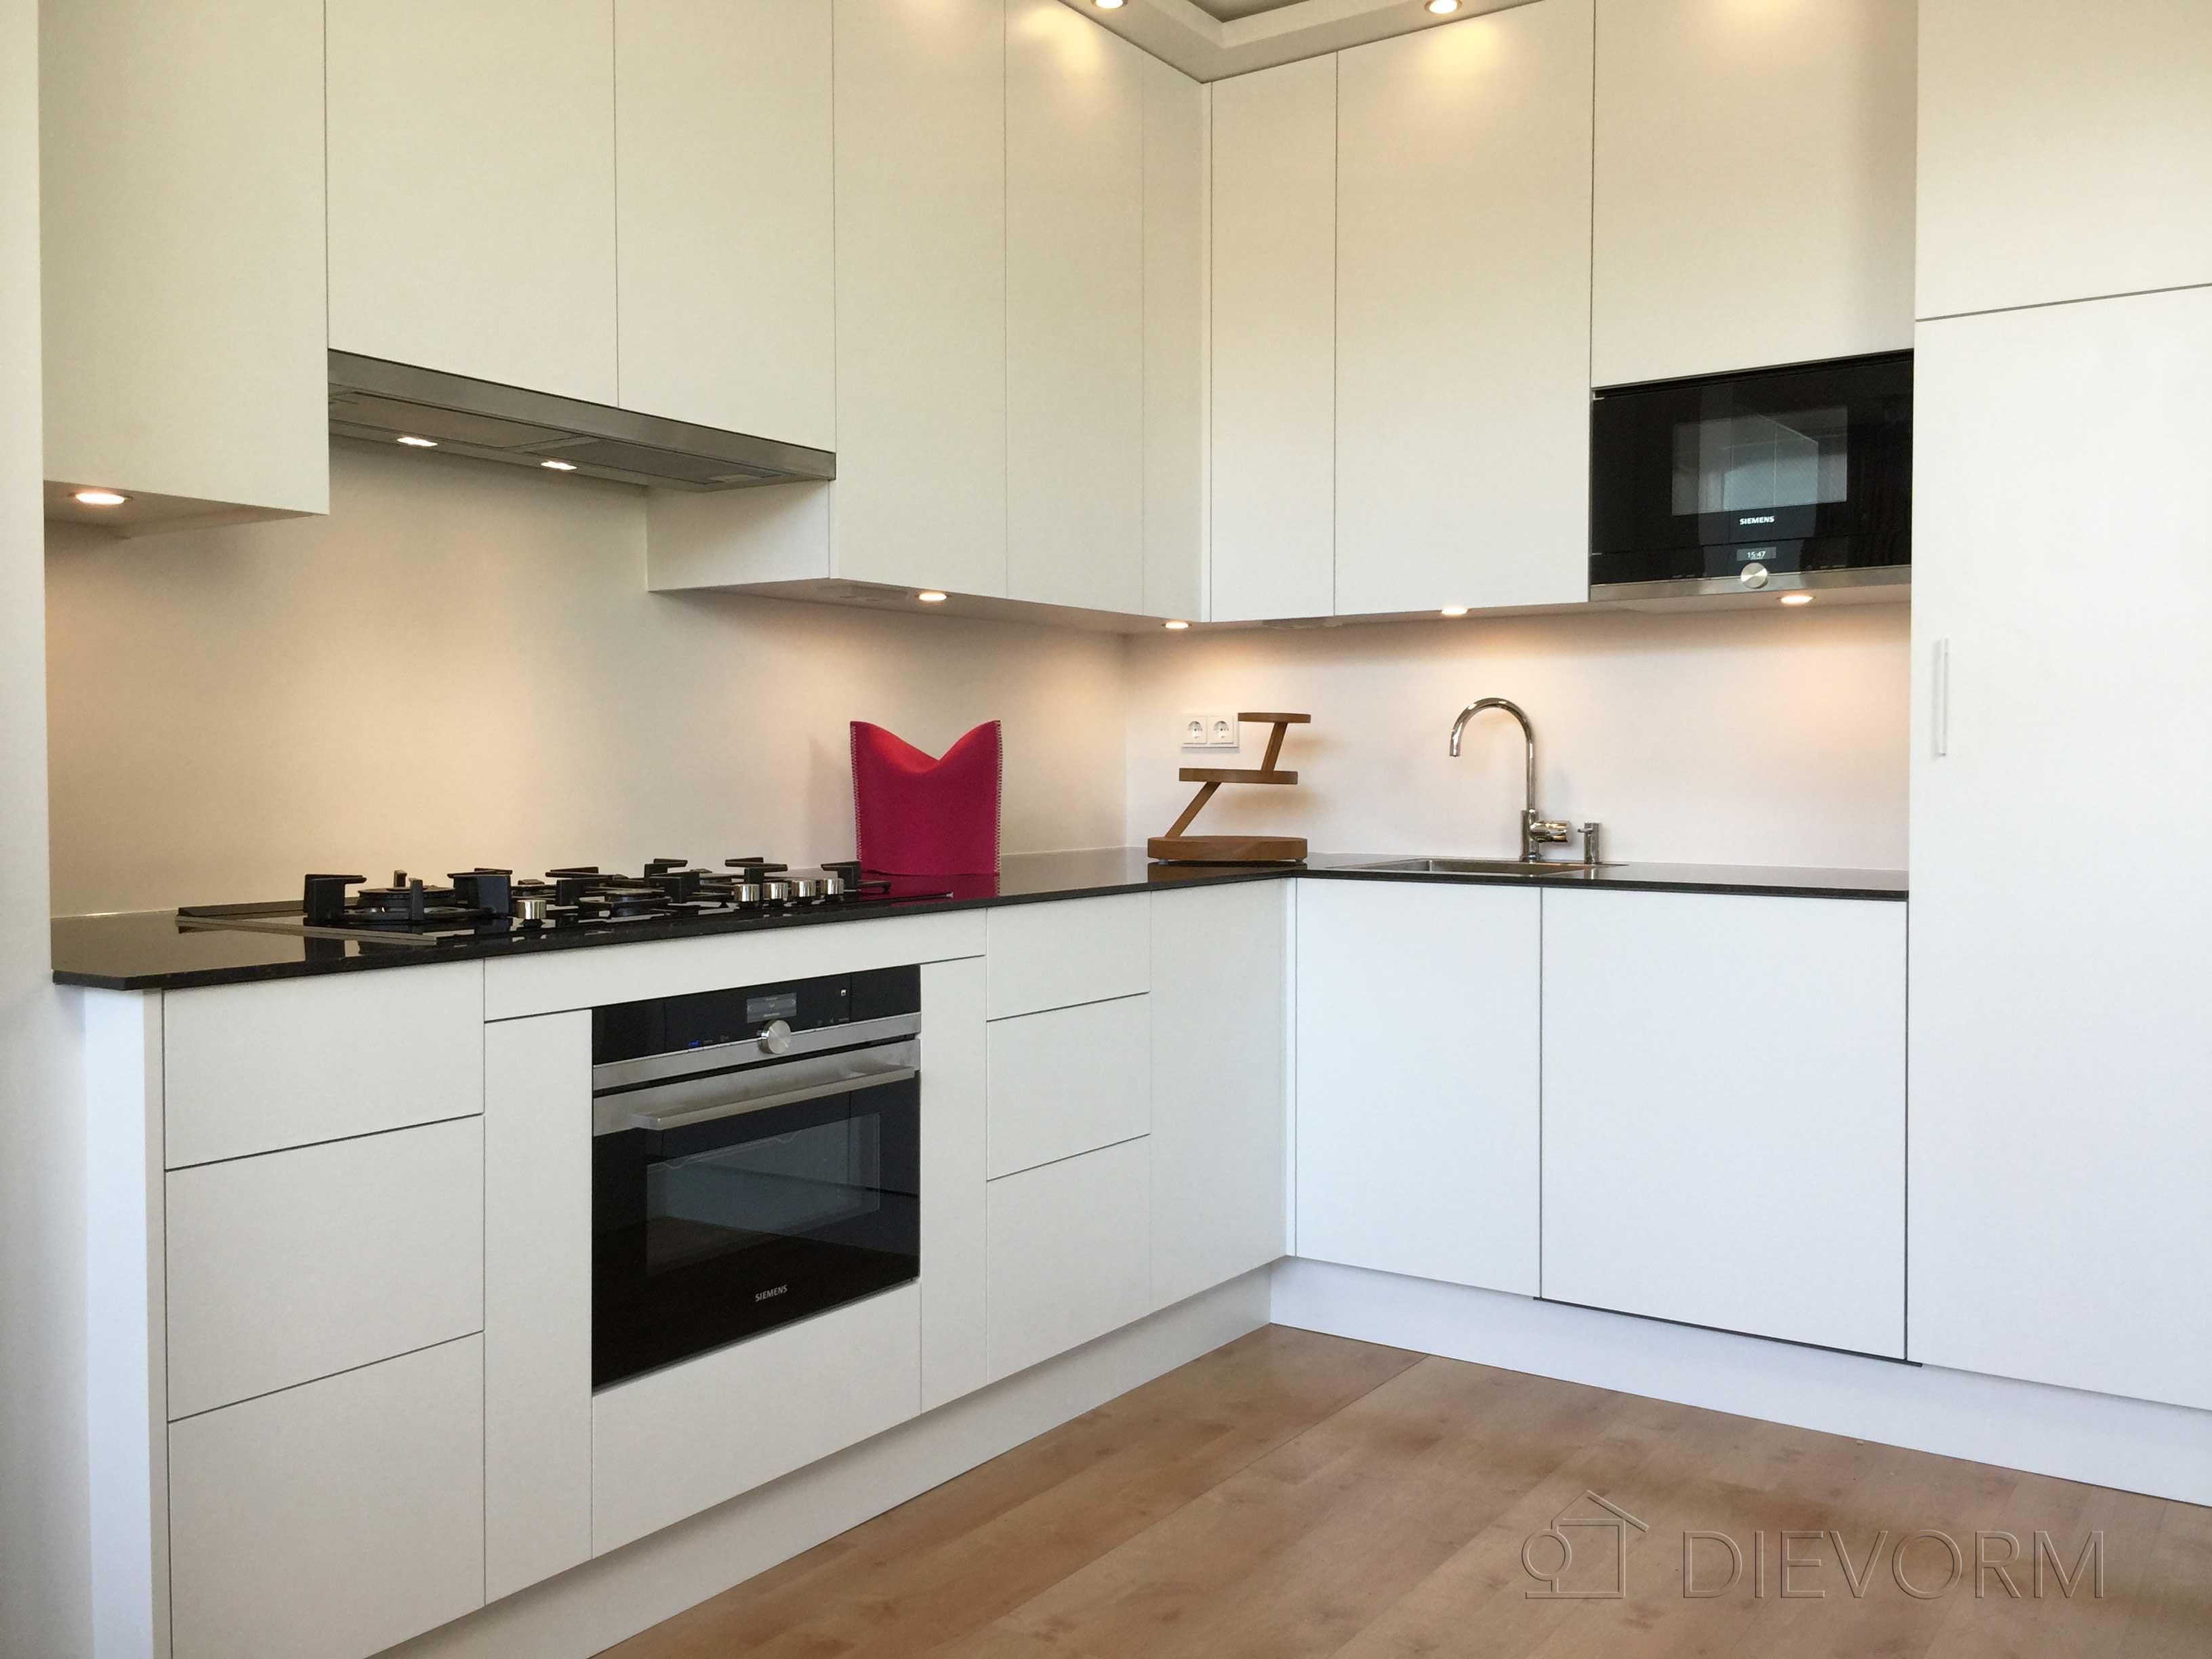 L Vormige Keuken : L vormige keuken zonder bovenkastjes: pallas greeploos een van de